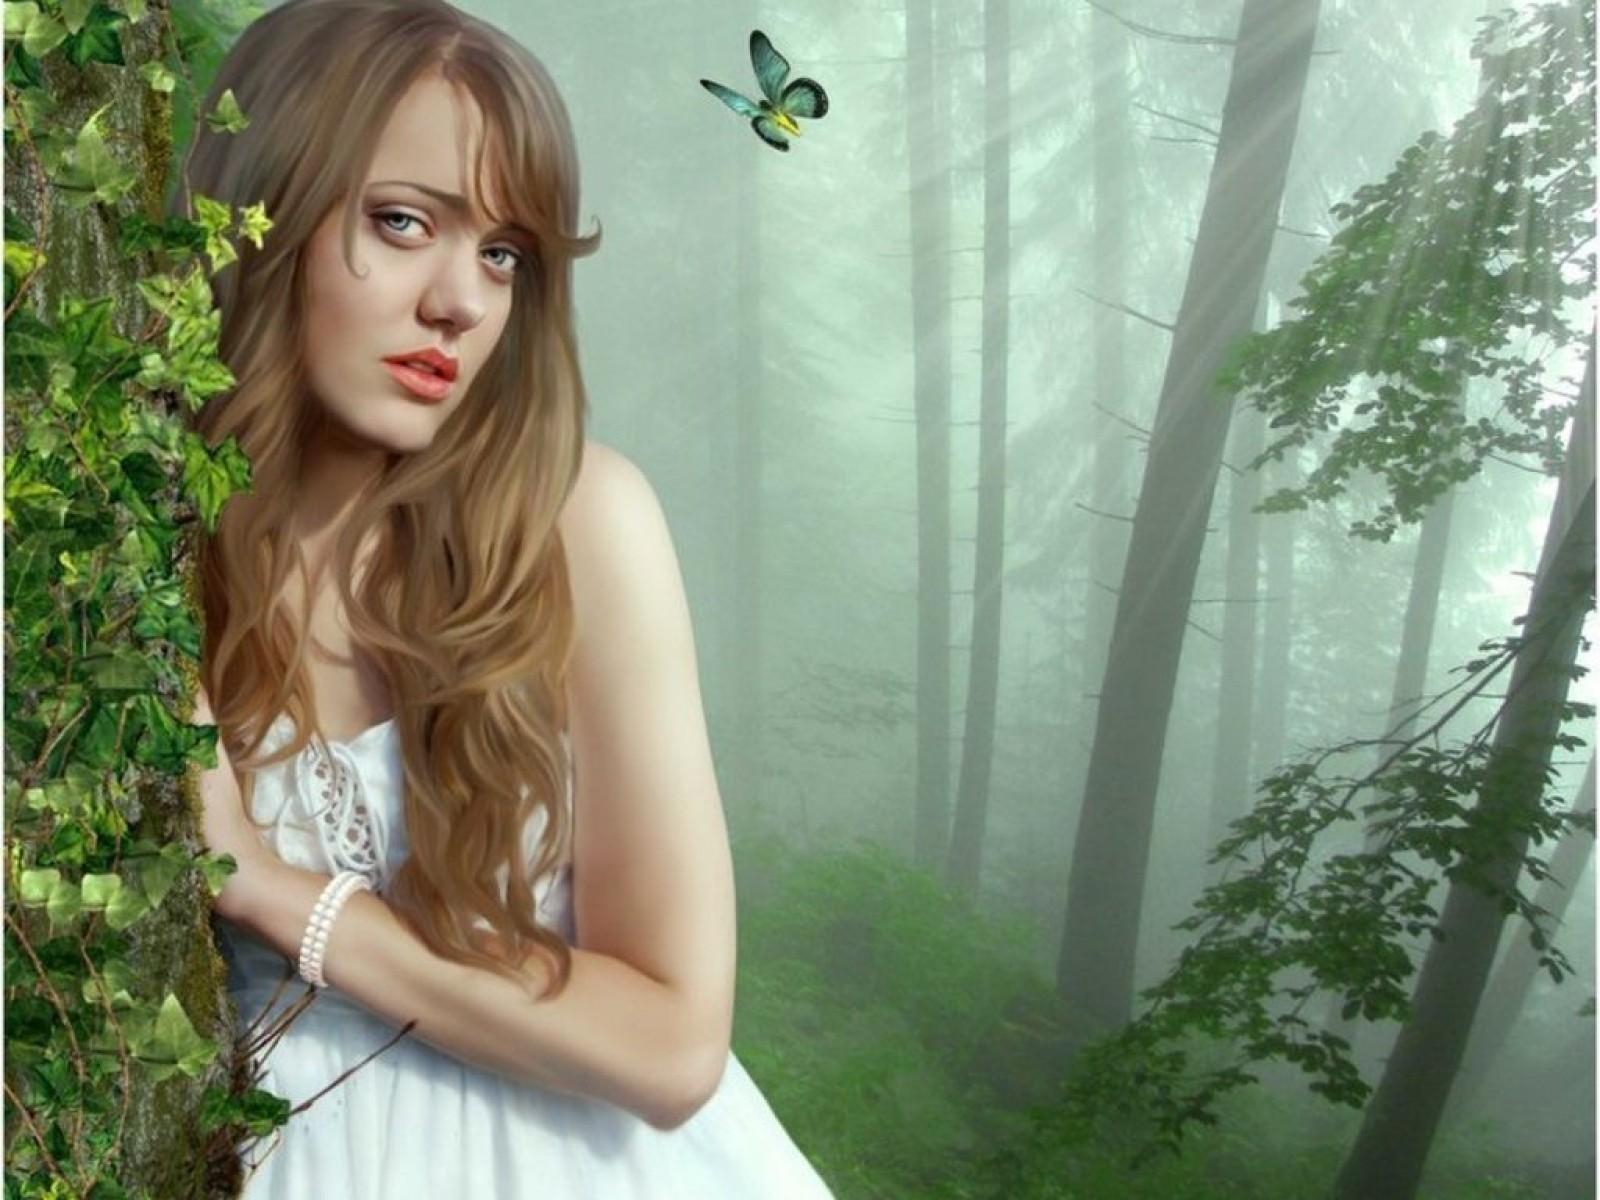 Прижался к девушке в лесу рассказ 19 фотография